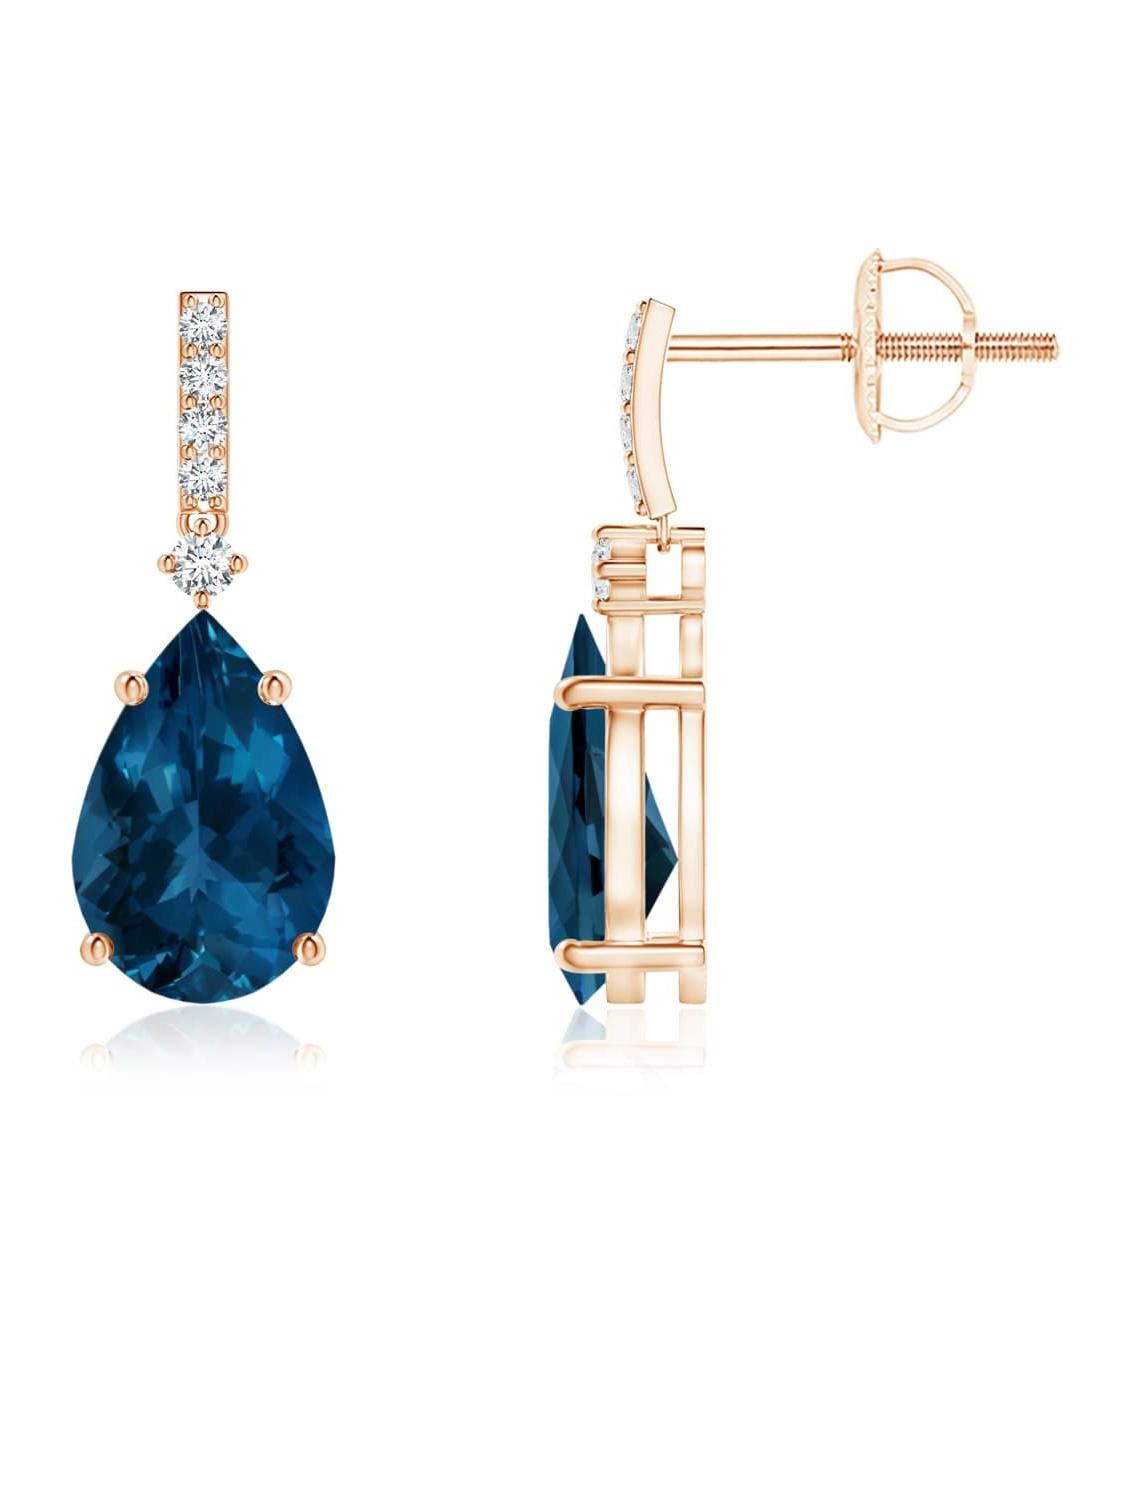 Mia Diamonds 14k Yellow Gold 9x6mm Pear Blue Topaz Earrings